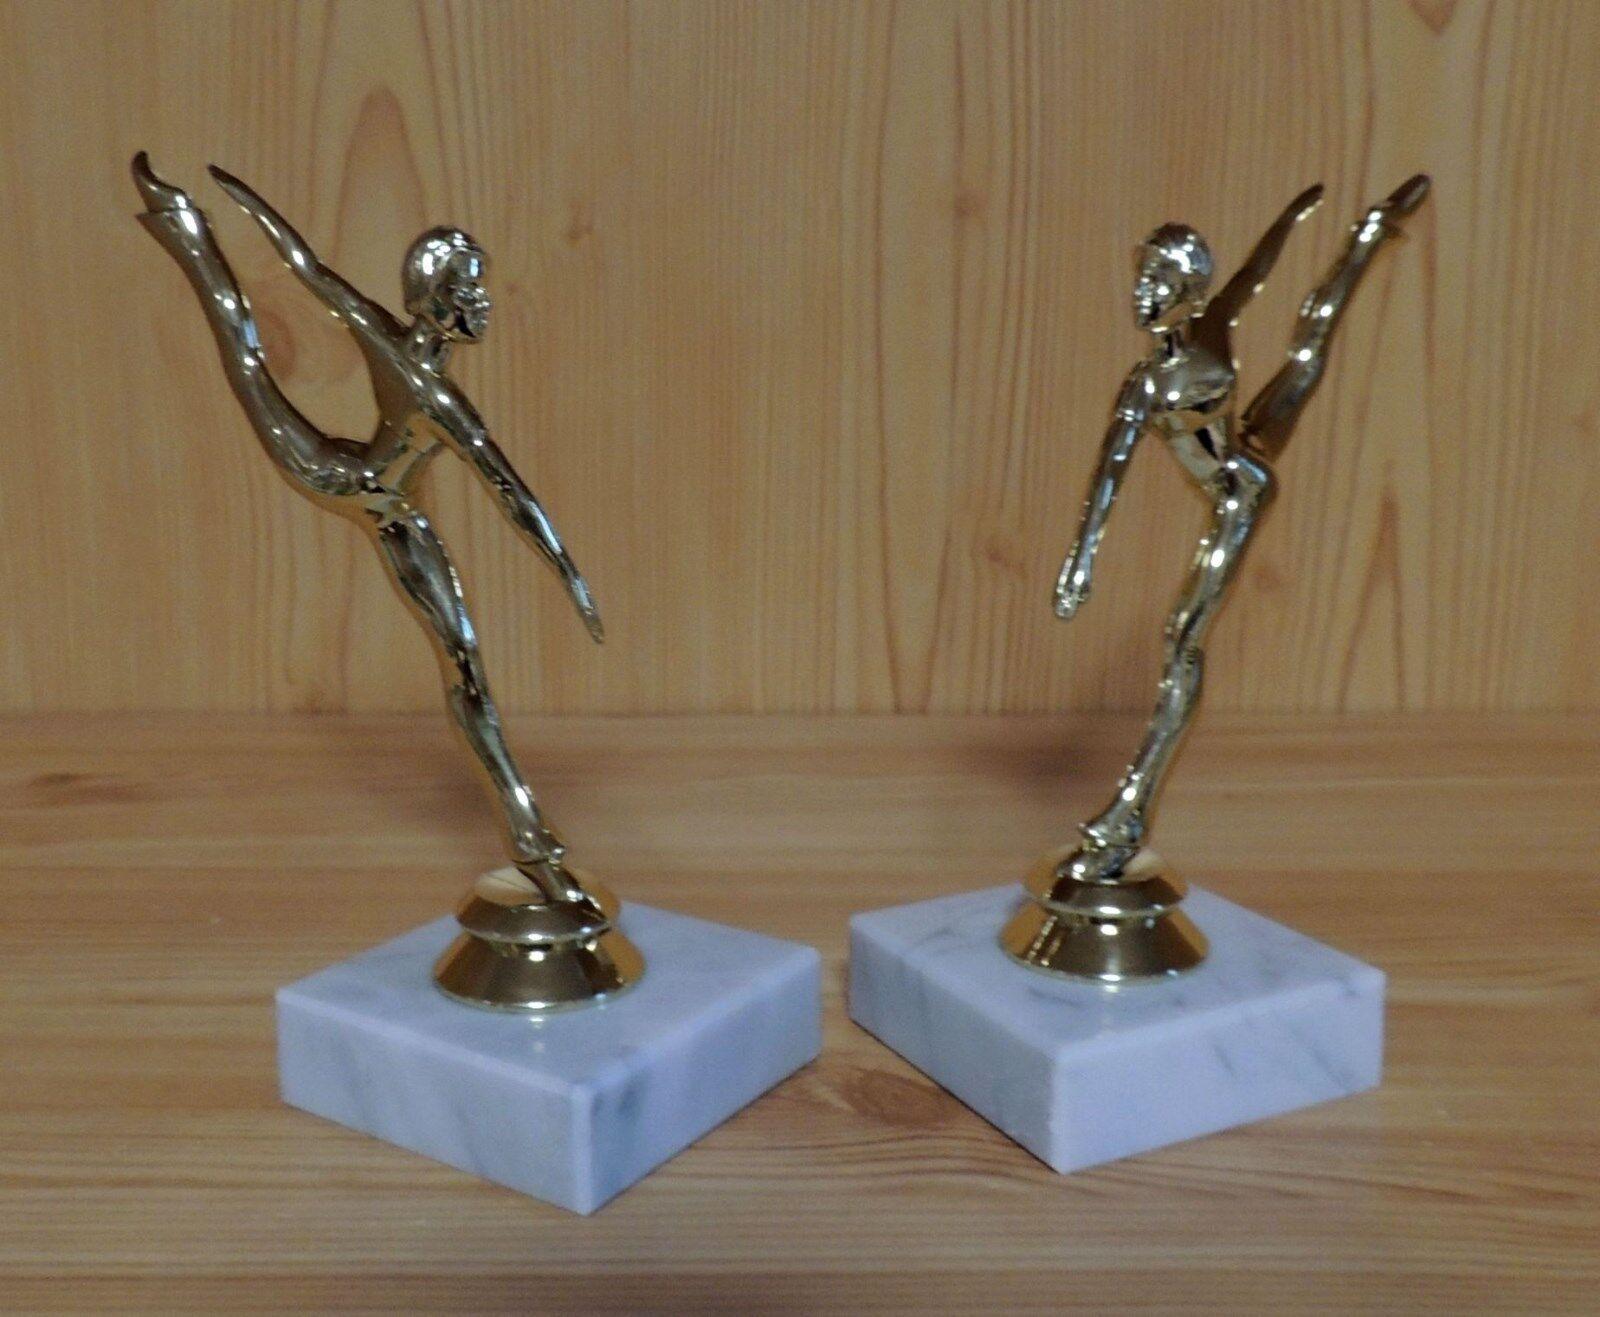 1 gymnastique Femmes personnage 14 cm avec Gravure #1 (Coupe (Coupe (Coupe trophées Sol Gymnastique Gymnastique au) f96788